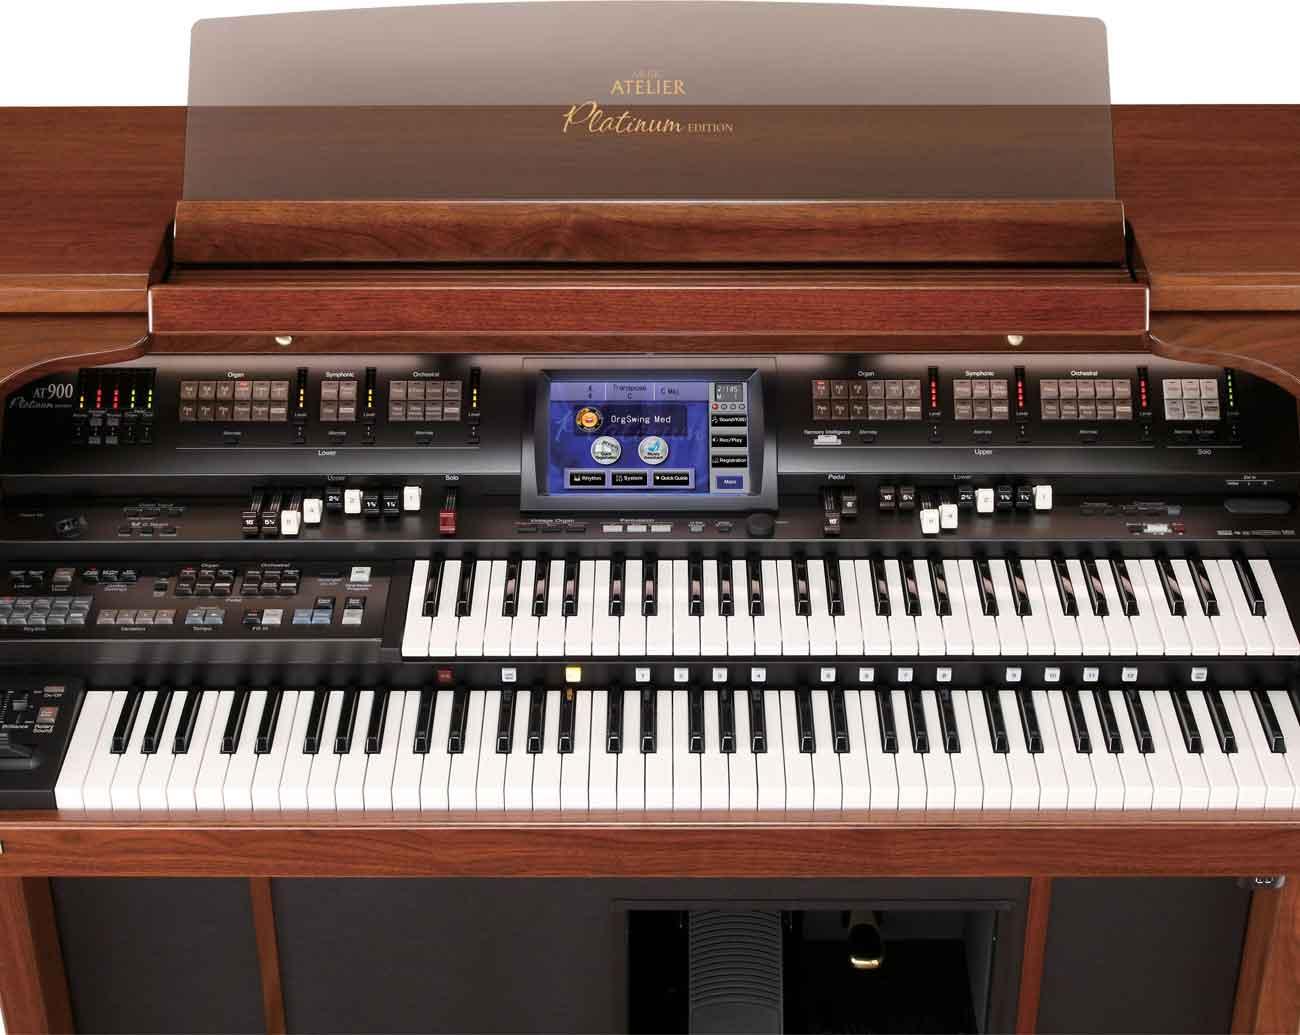 Roland Atelier AT900P